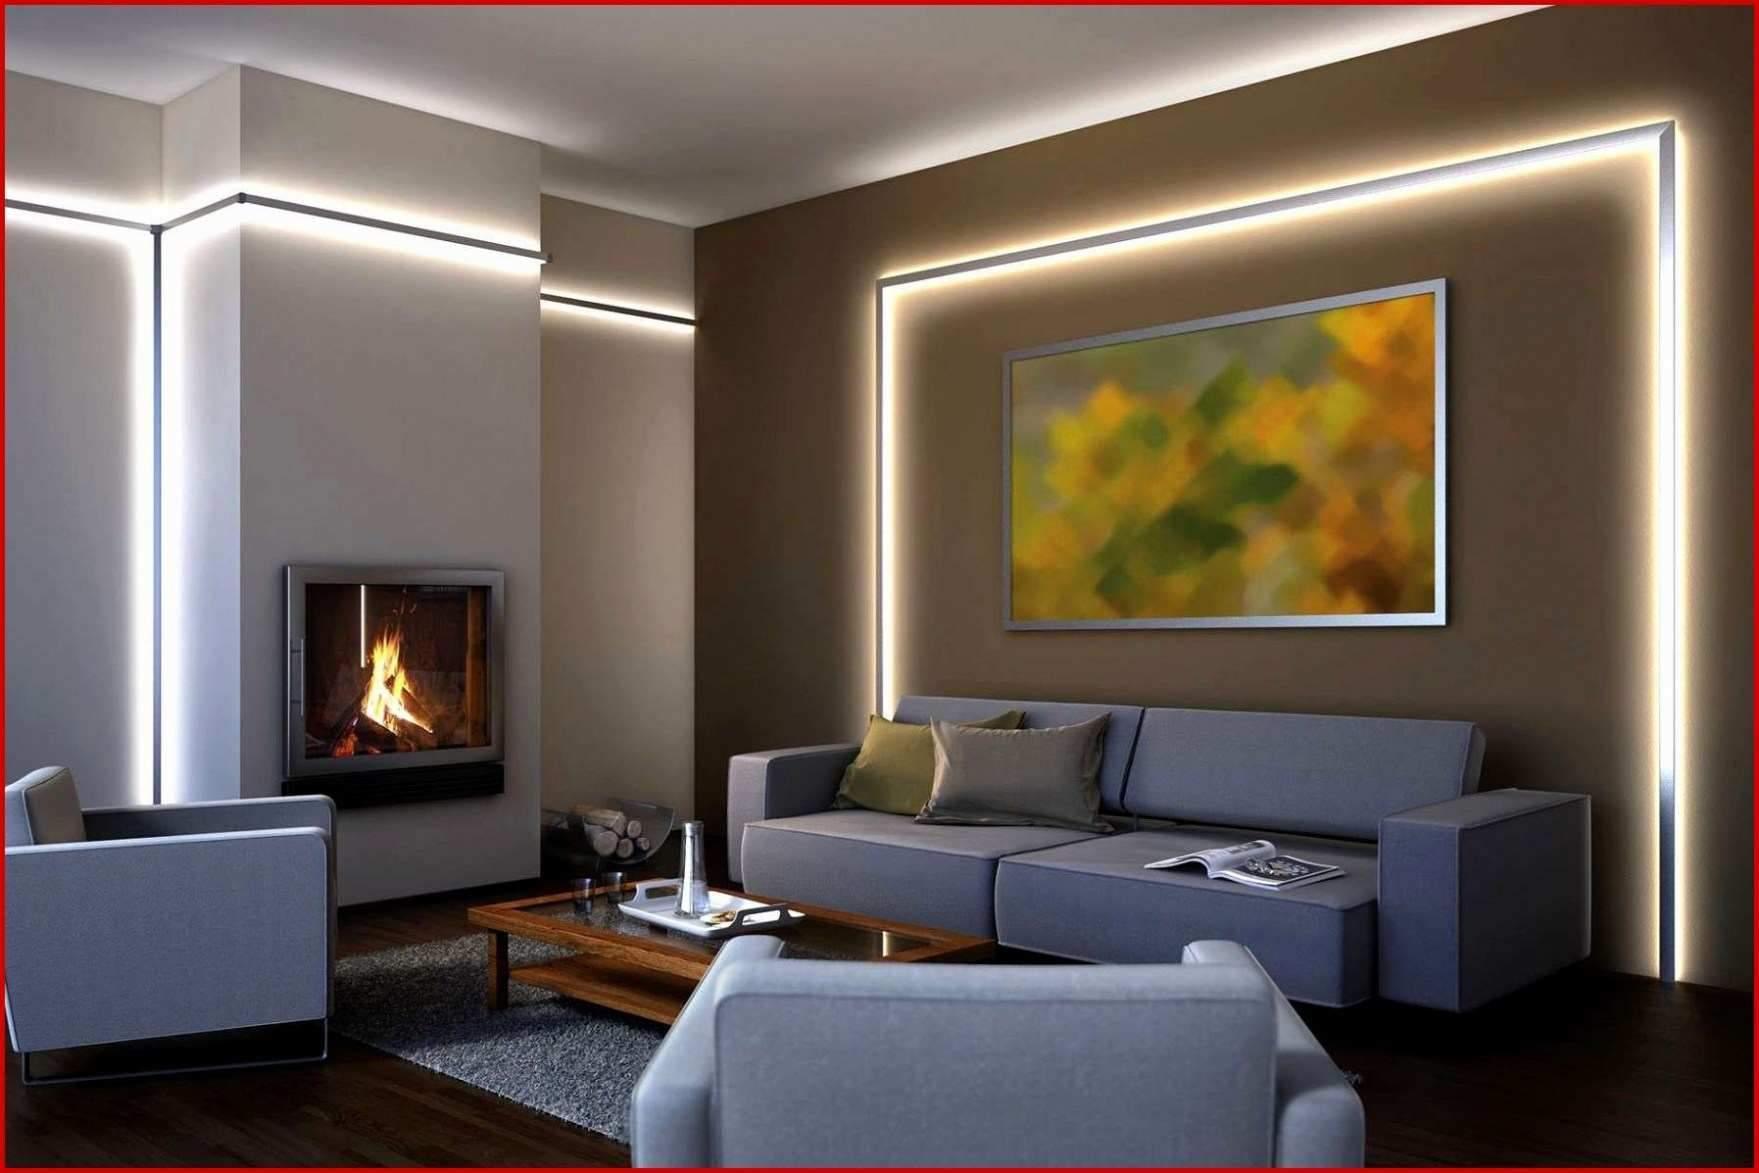 Full Size of Indirekte Beleuchtung Wohnzimmer Indirekte Beleuchtung Wohnzimmer Modern Indirekte Beleuchtung Wohnzimmer Ideen Beispiele Indirekte Beleuchtung Wohnzimmer Wohnzimmer Indirekte Beleuchtung Wohnzimmer